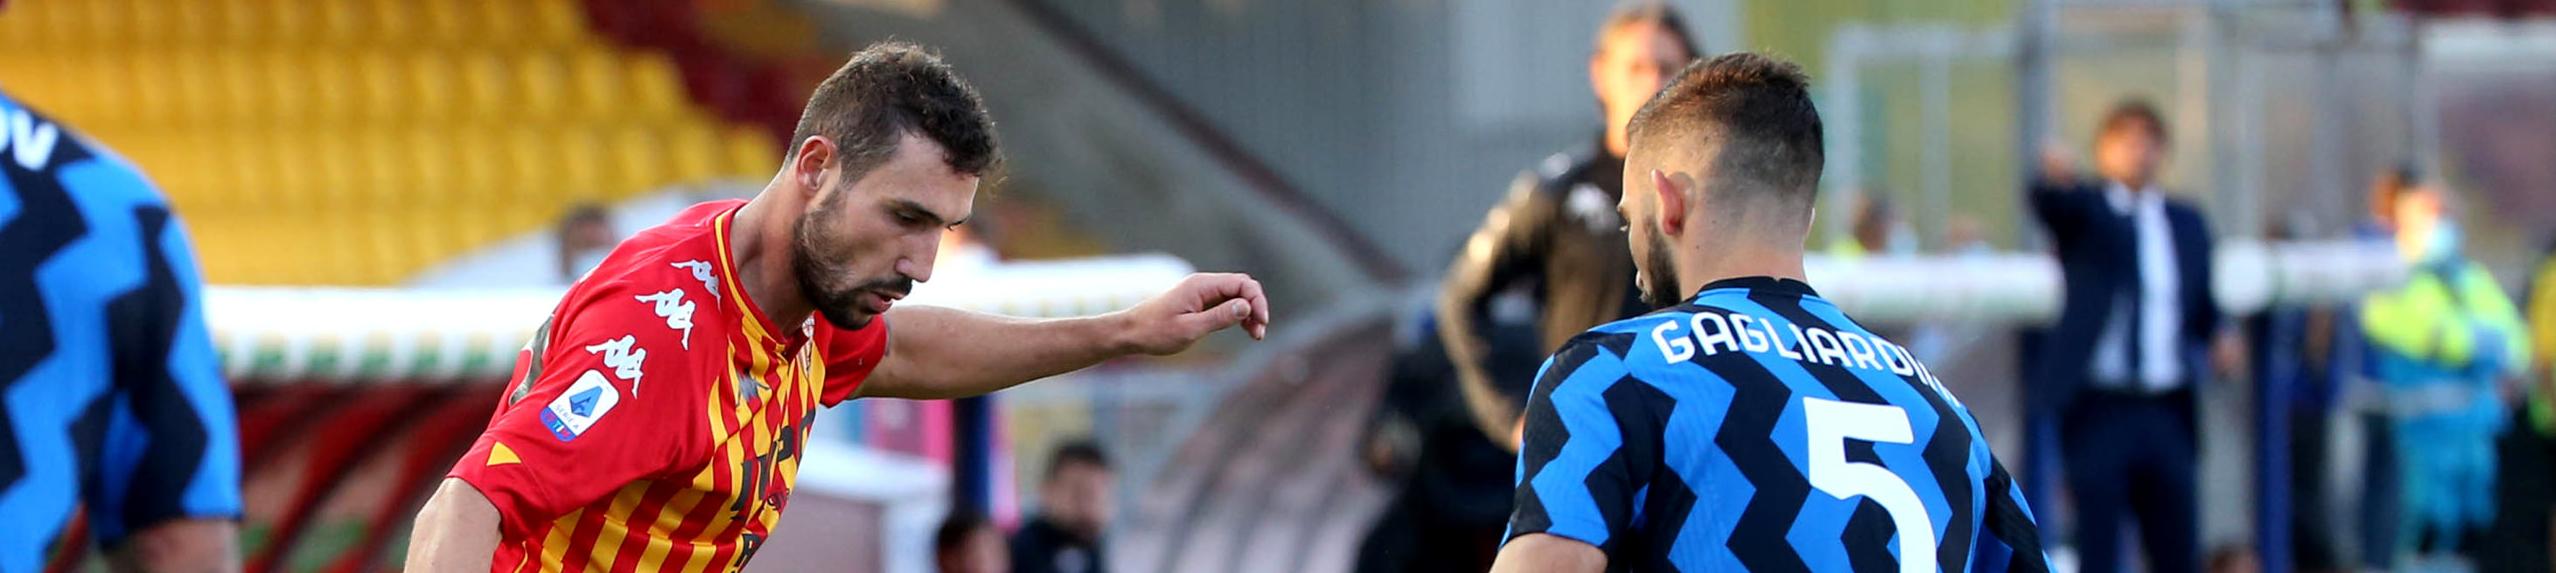 Inter-Benevento: Conte piglia tutto, vuole vittoria e 1° posto